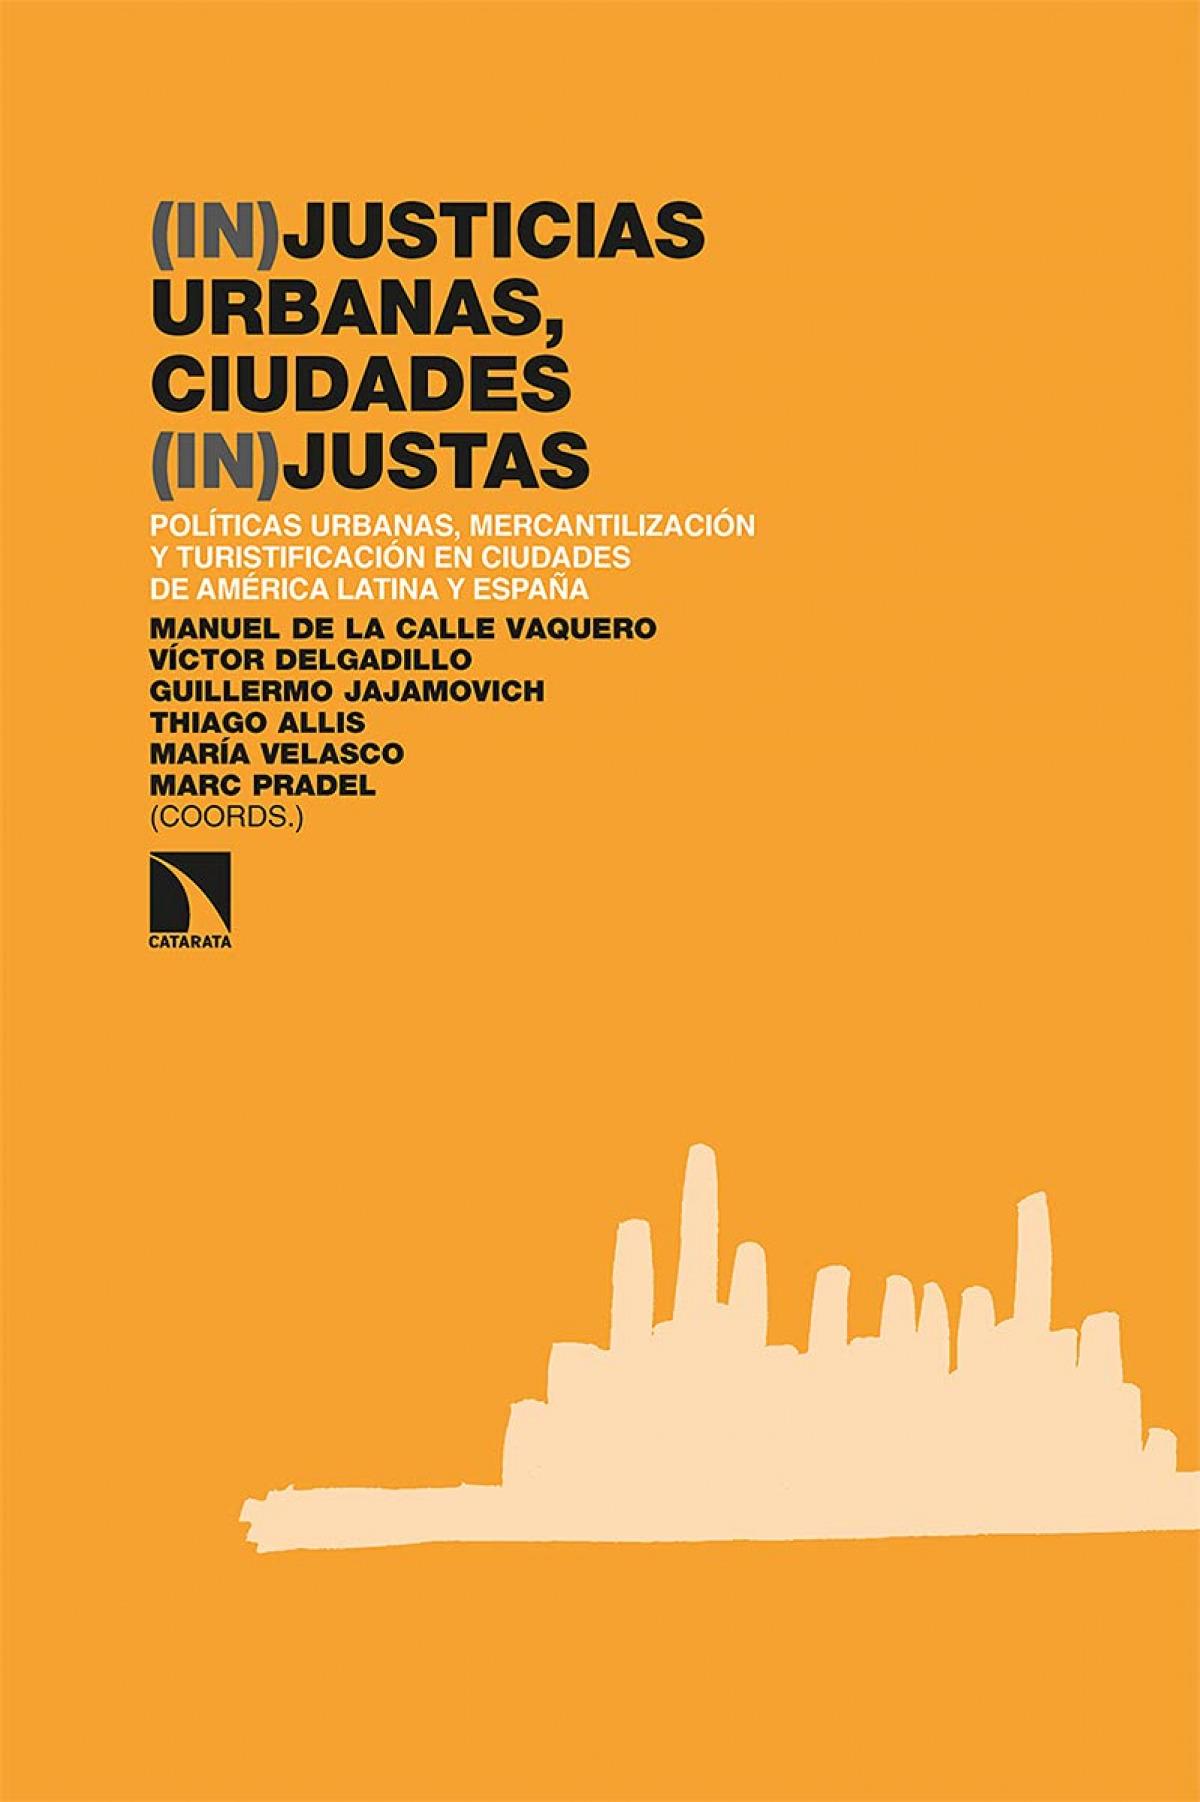 (In)justicias urbanas, ciudades (in)justas